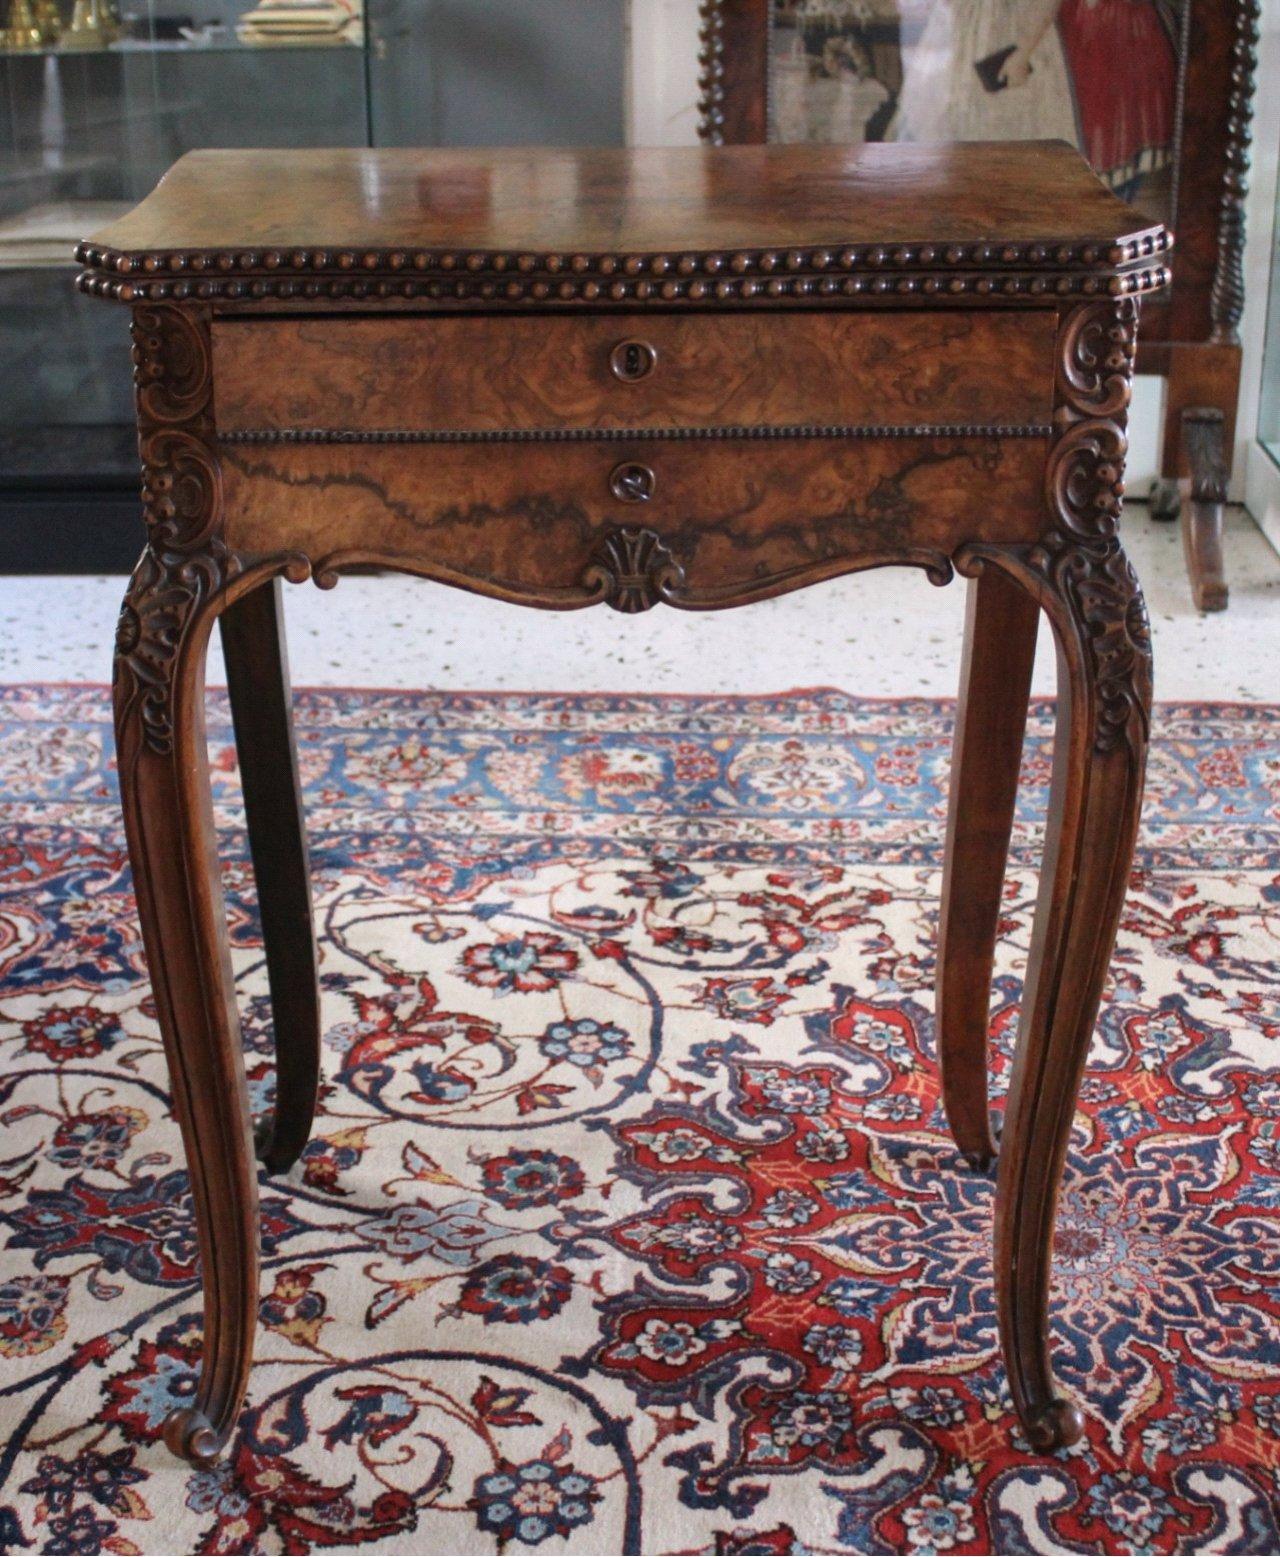 Nähtisch/Spieltisch, um 1850, Louis Philippe